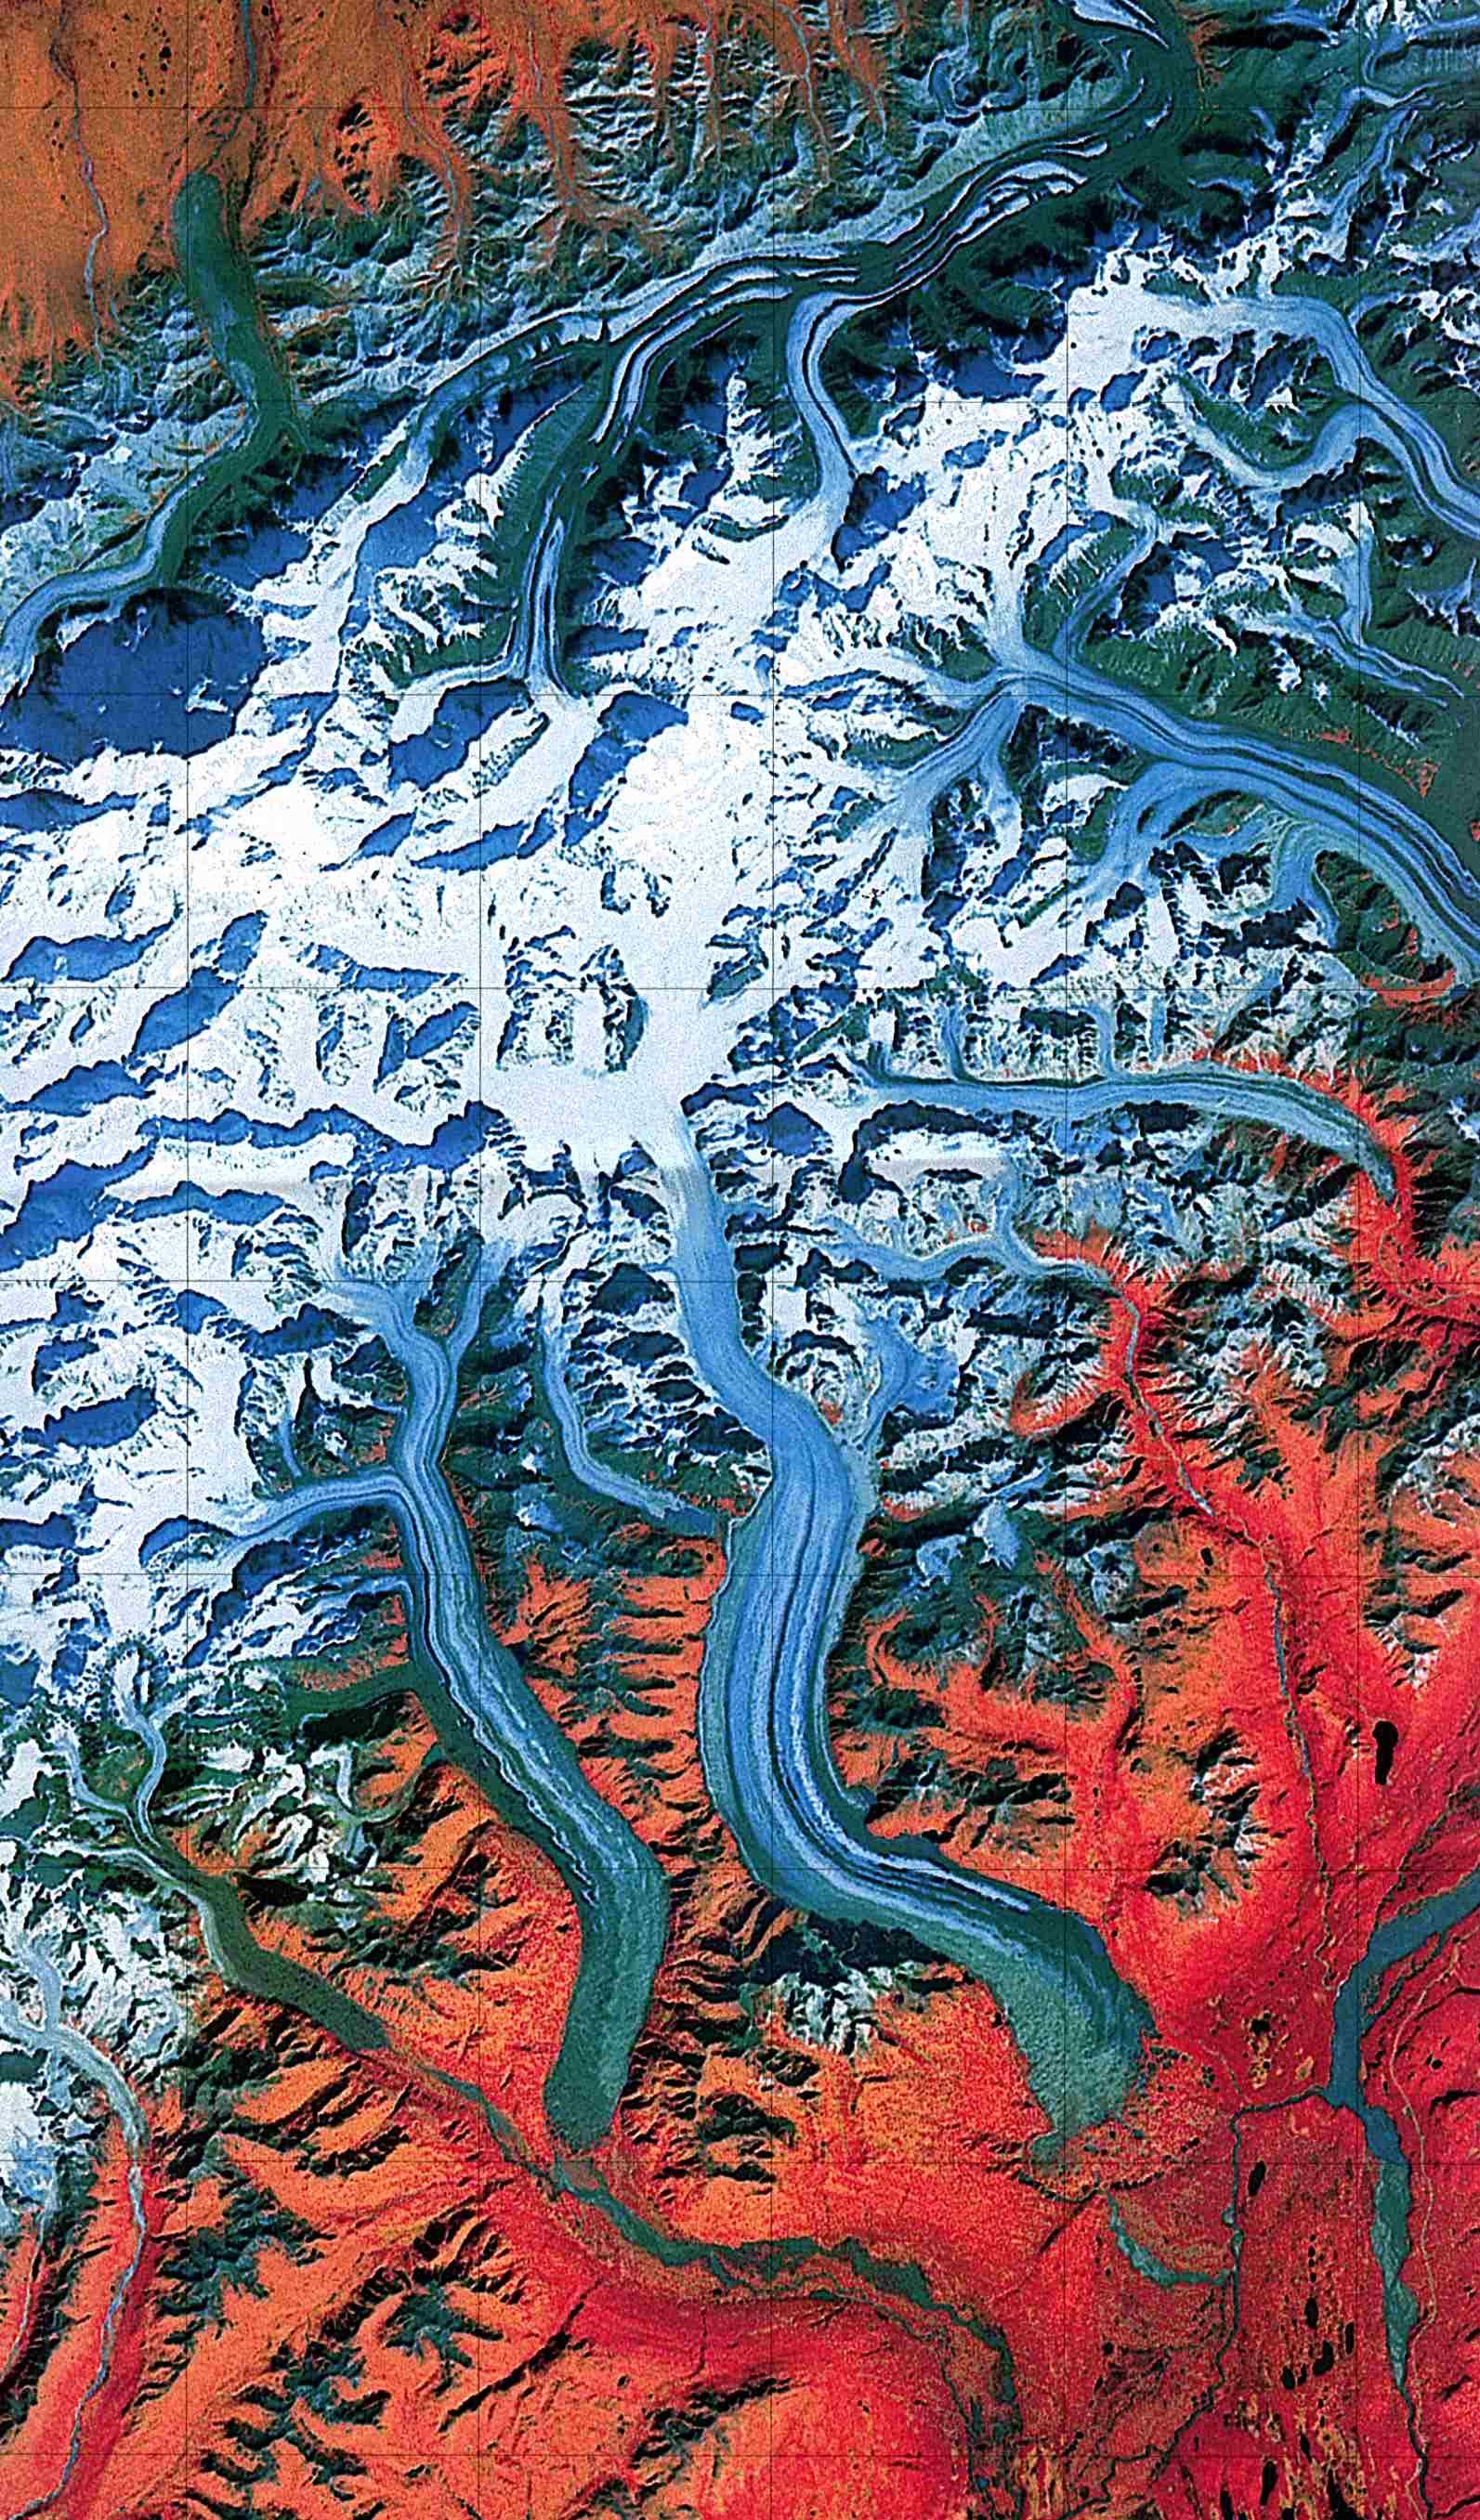 Foto, Imagen Satelite del Parque Nacional y Reserva Natural de Denali, Alaska, Estados Unidos